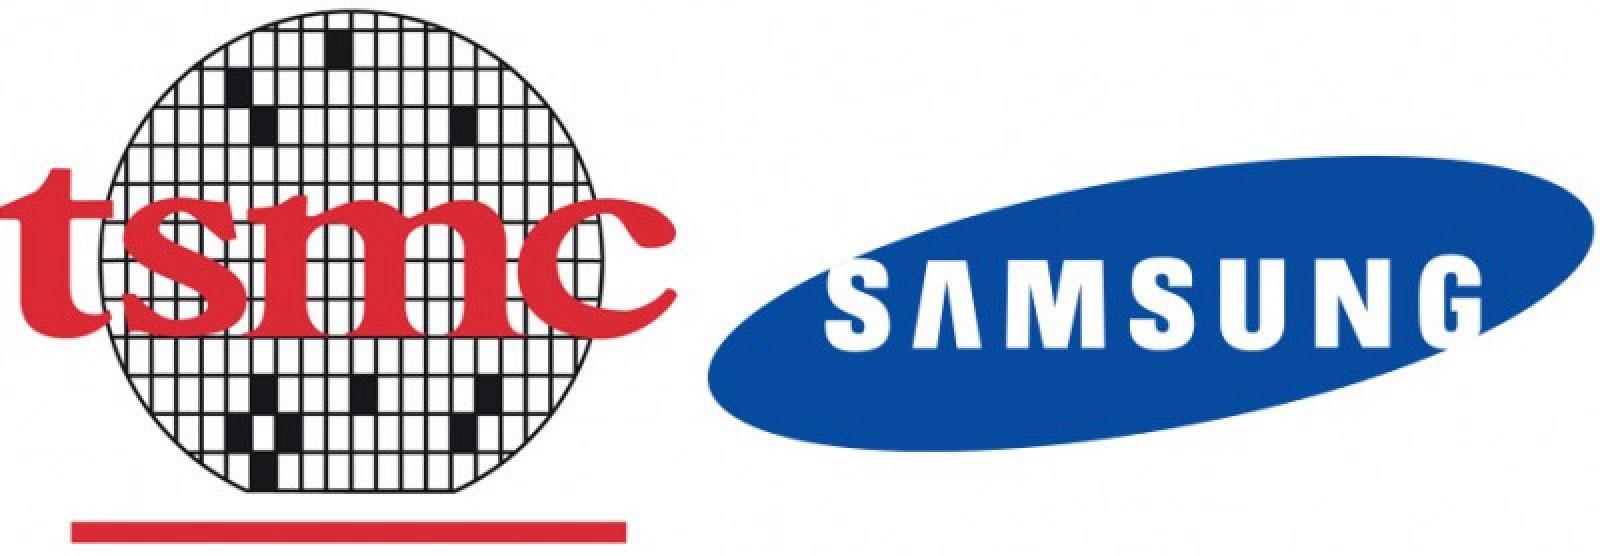 samsung-tsmc-nin-7nm-uretim-savasi-haber-tekno-3